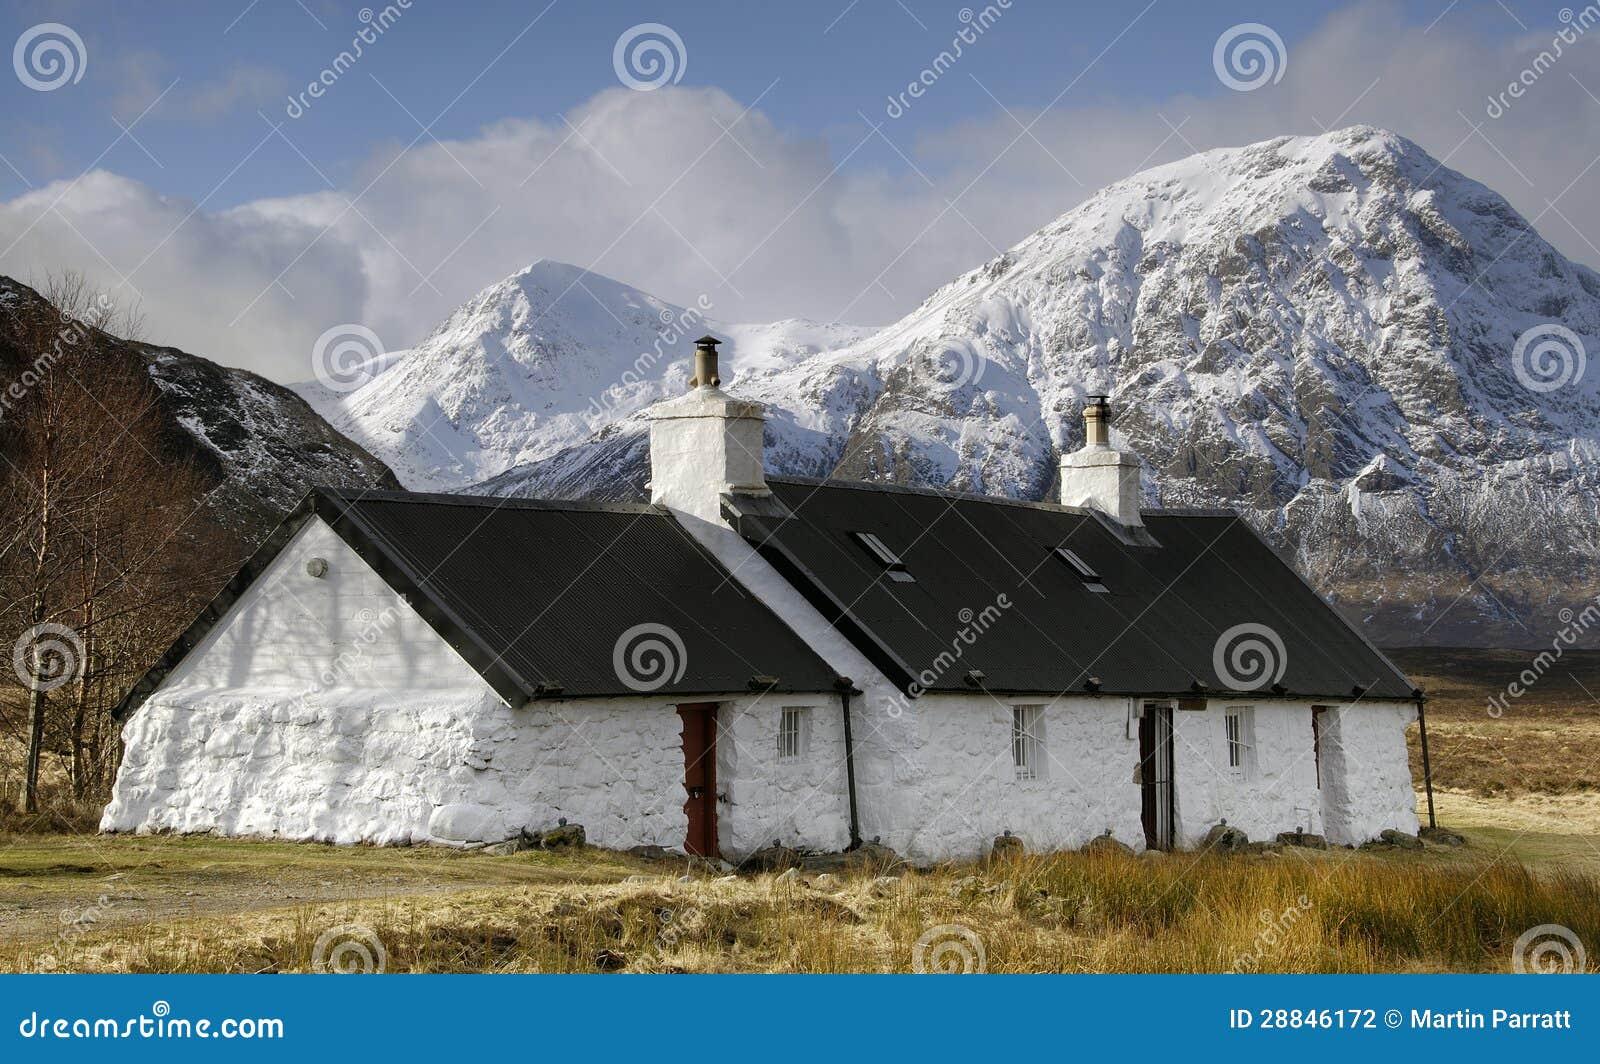 Svarten vaggar stugan, Glencoe, Skottland.